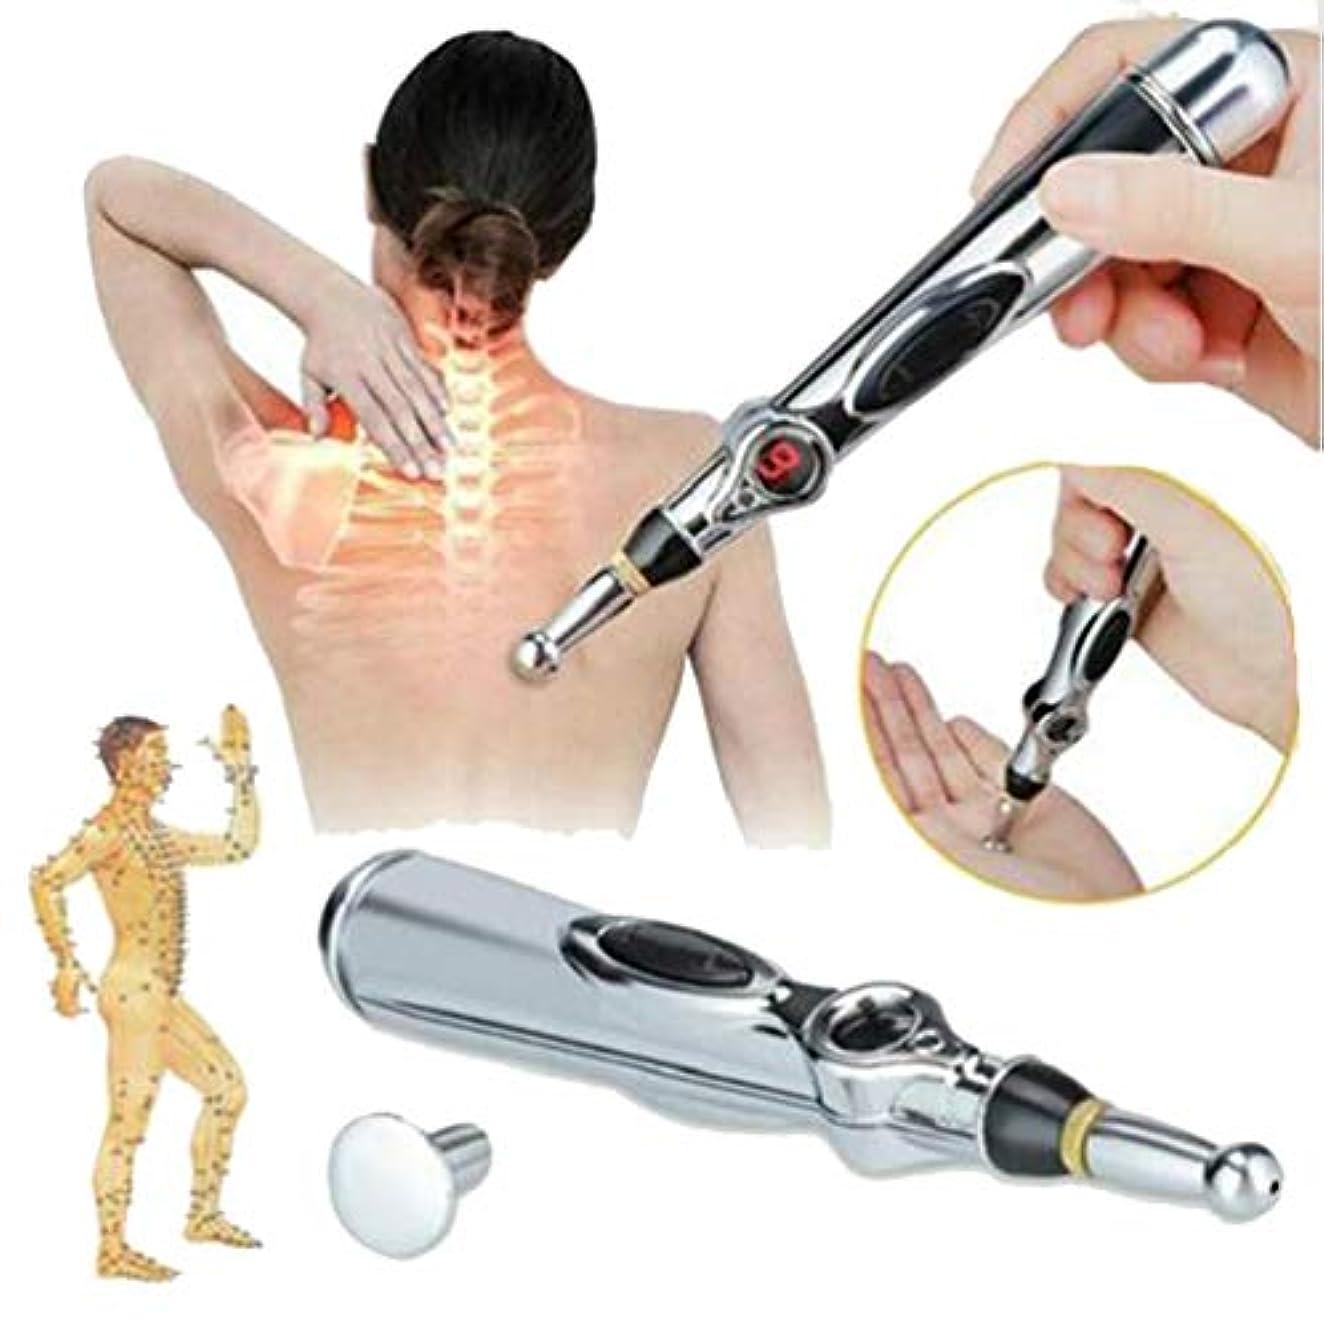 スマイルアンティークディレイ電子鍼ペン経絡レーザー鍼灸器マグネットマッサージャー家庭用医療器